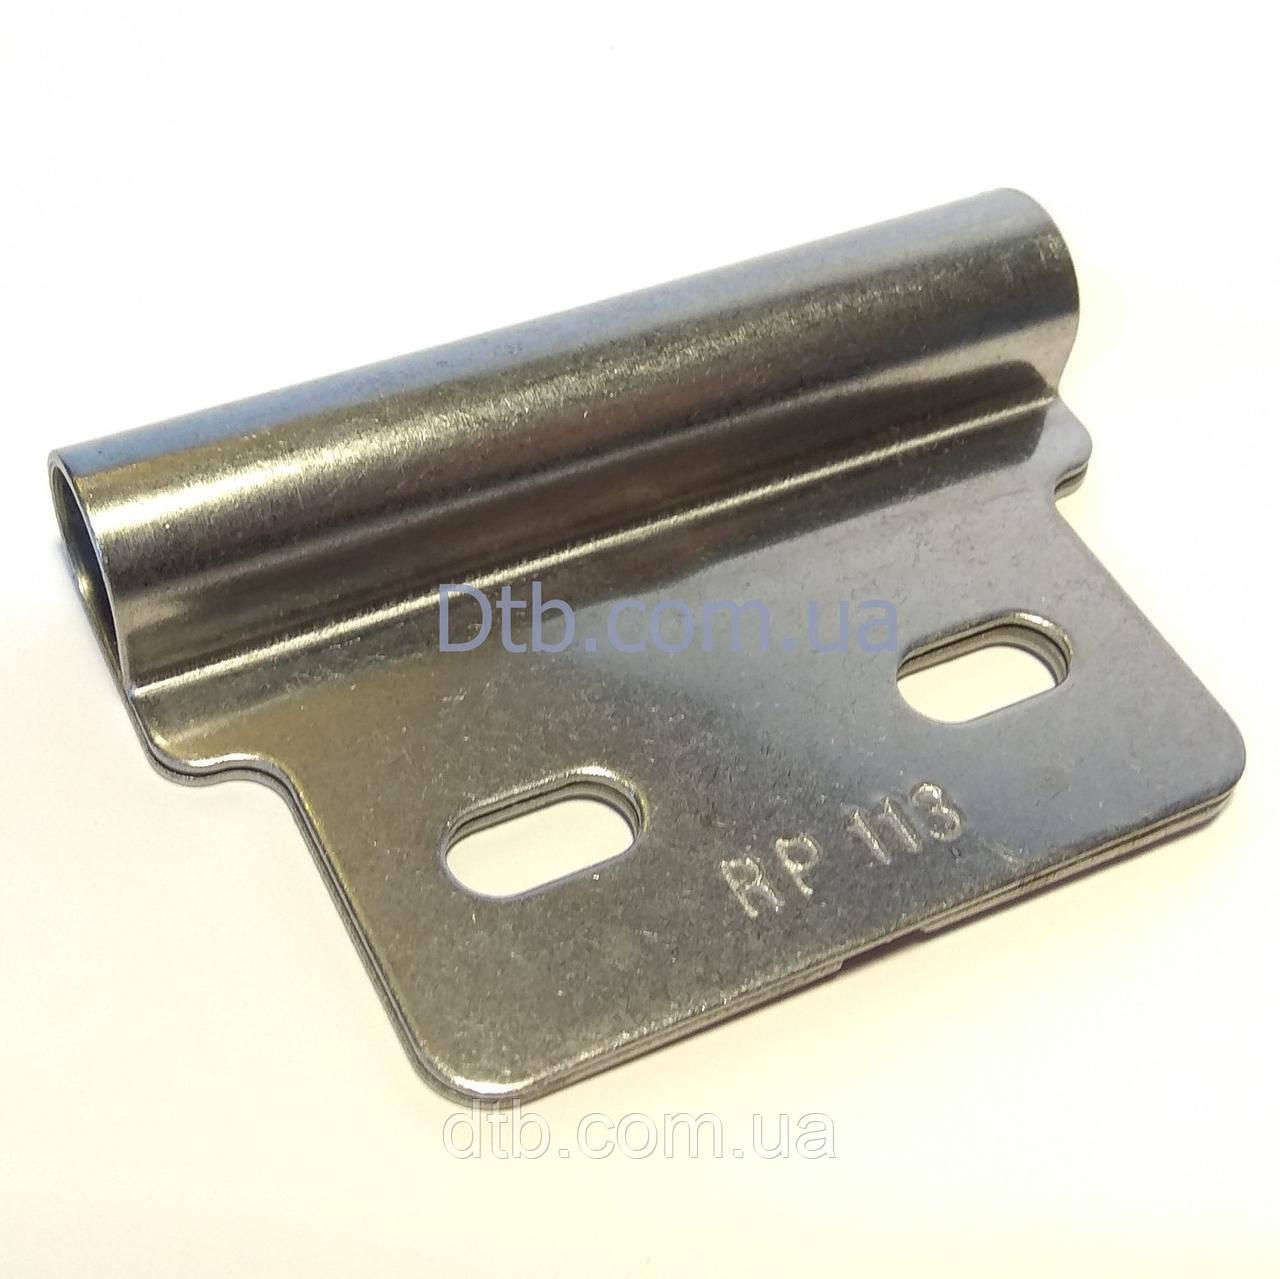 Накладка роликовая нержавеющая RP113 - роликодержатель Alutech